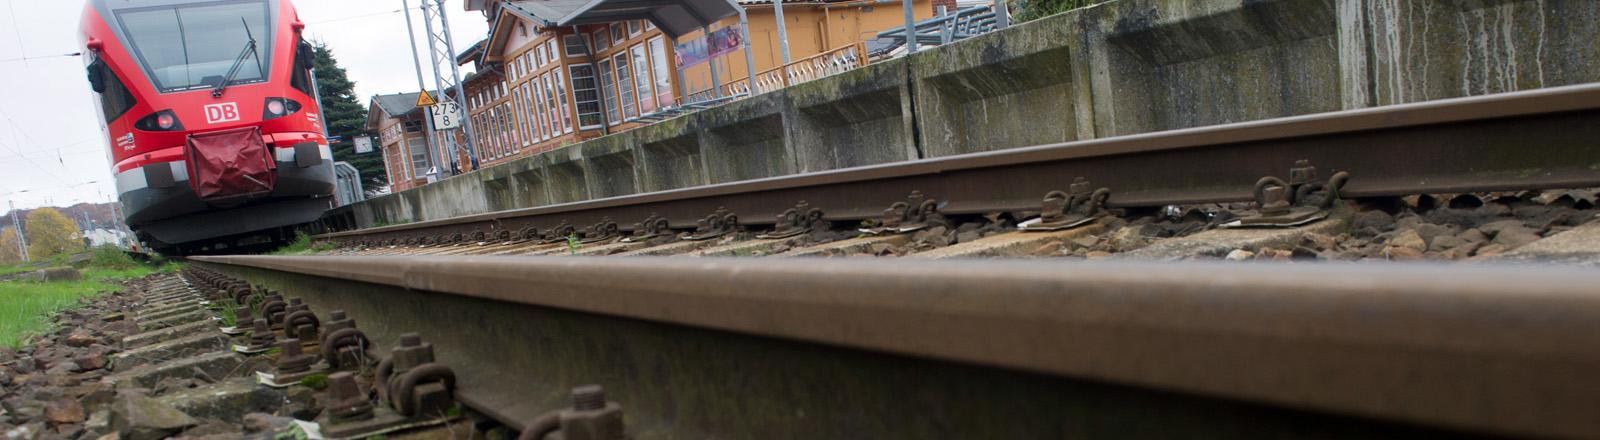 Ein Fernzug auf Schienen.